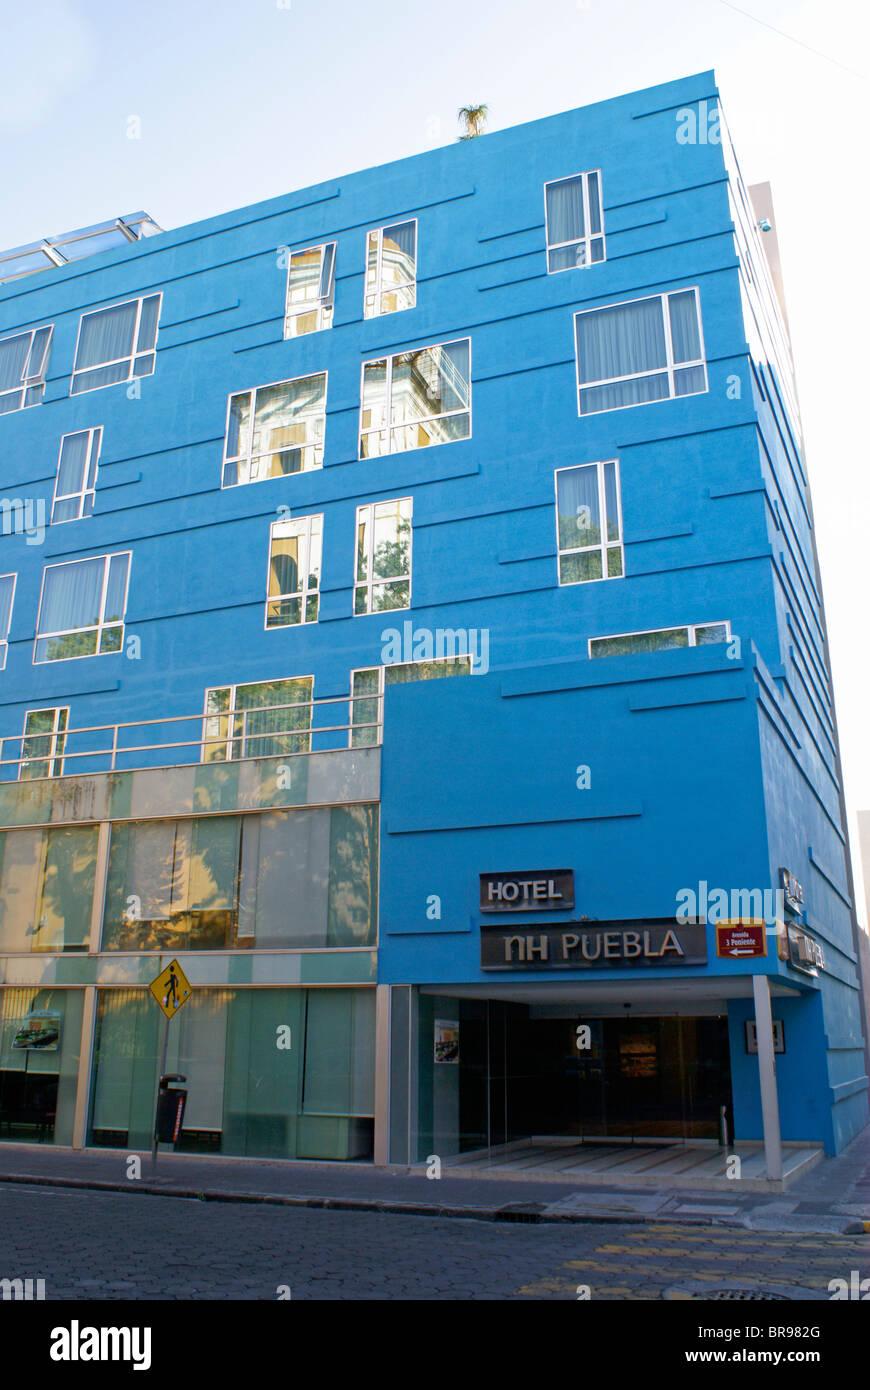 NH Puebla Hotel in the city of Puebla, Mexico. - Stock Image